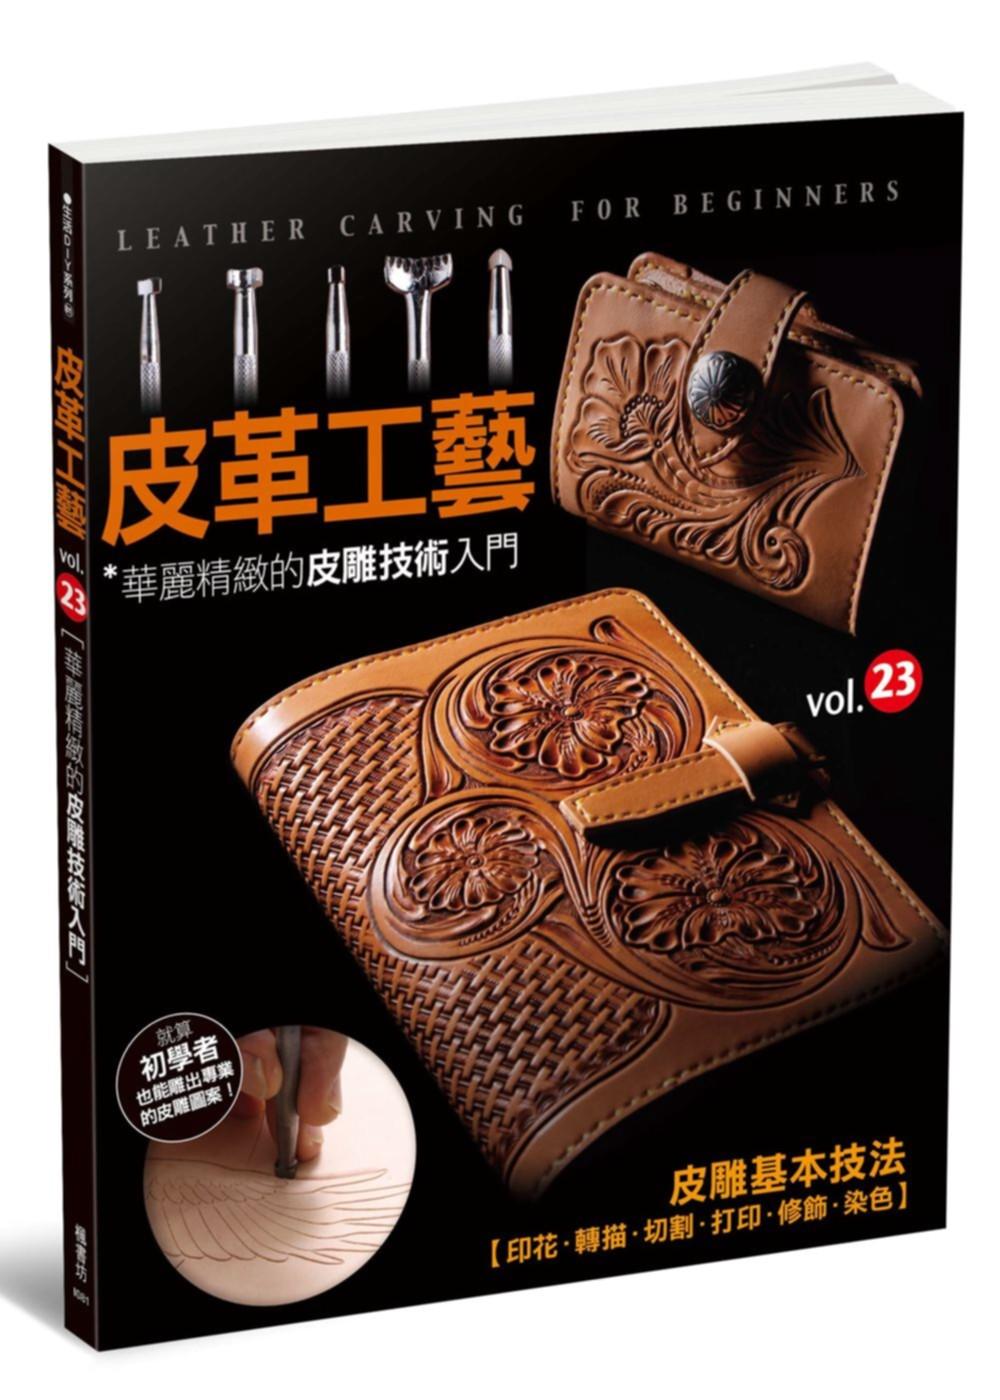 皮革工藝 vol.23 華麗精緻的皮雕技術入門